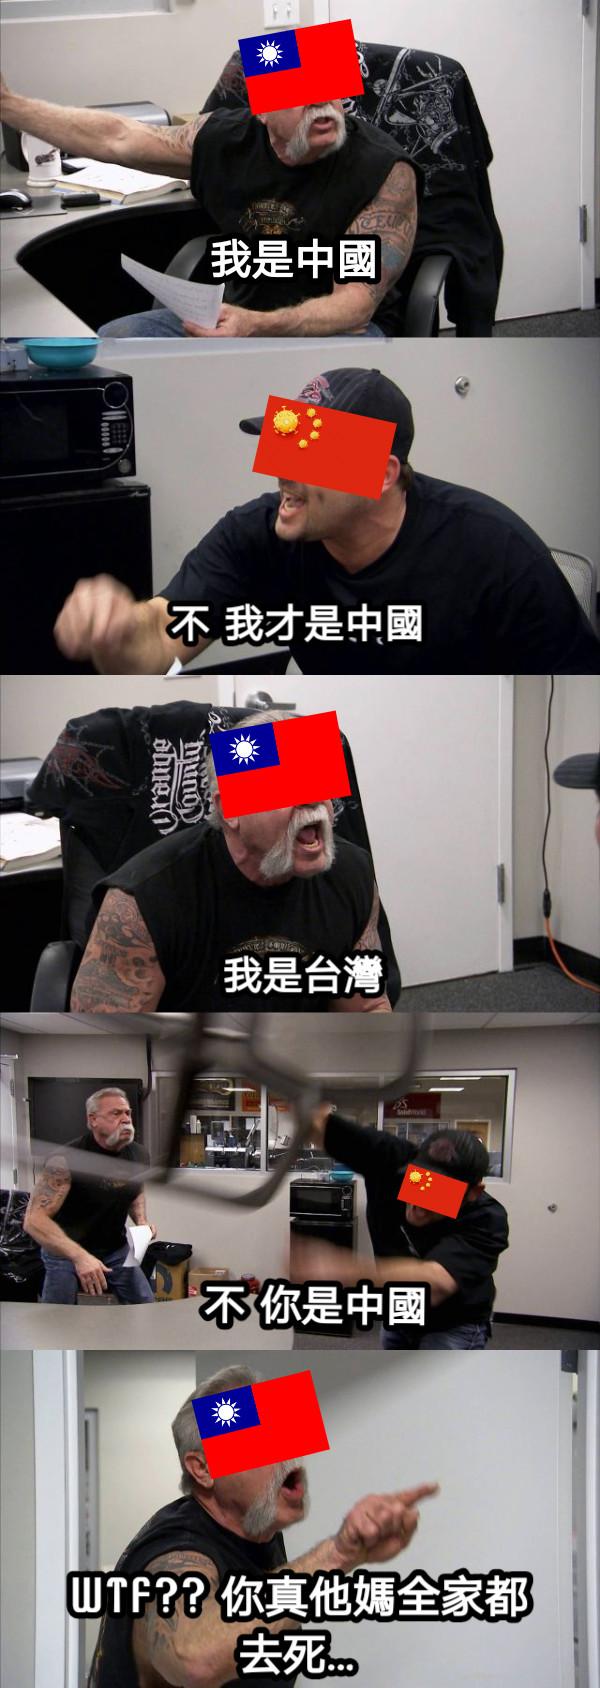 我是中國 不  我才是中國 我是台灣 不  你是中國 WTF??  你真他媽全家都去死…